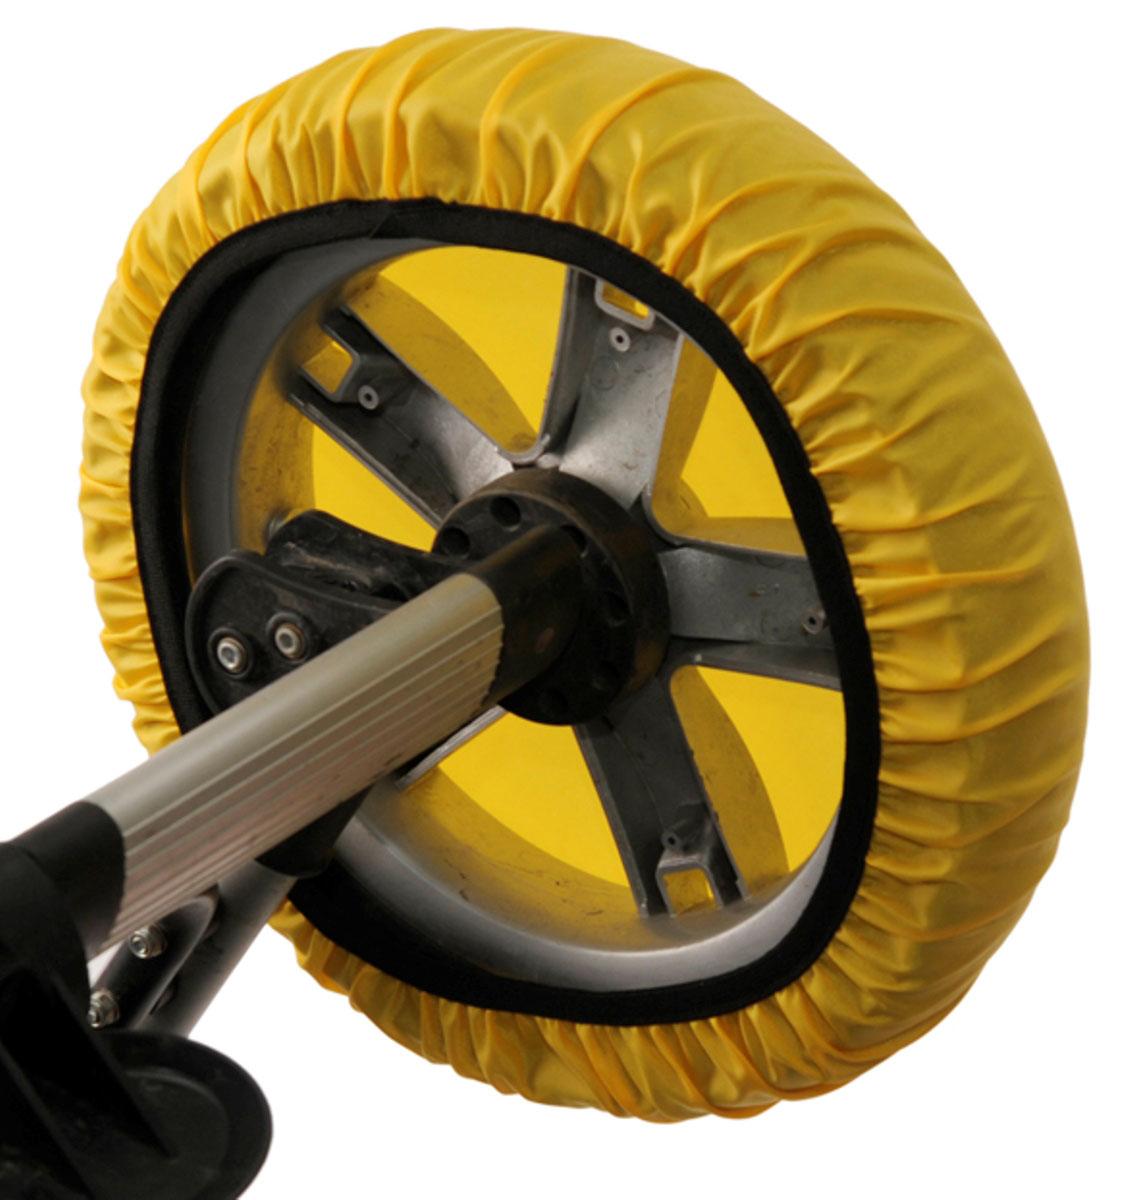 Чудо-Чадо Чехлы на колеса для коляски диаметр 28-38 см цвет желтый 4 шт CHK01-006